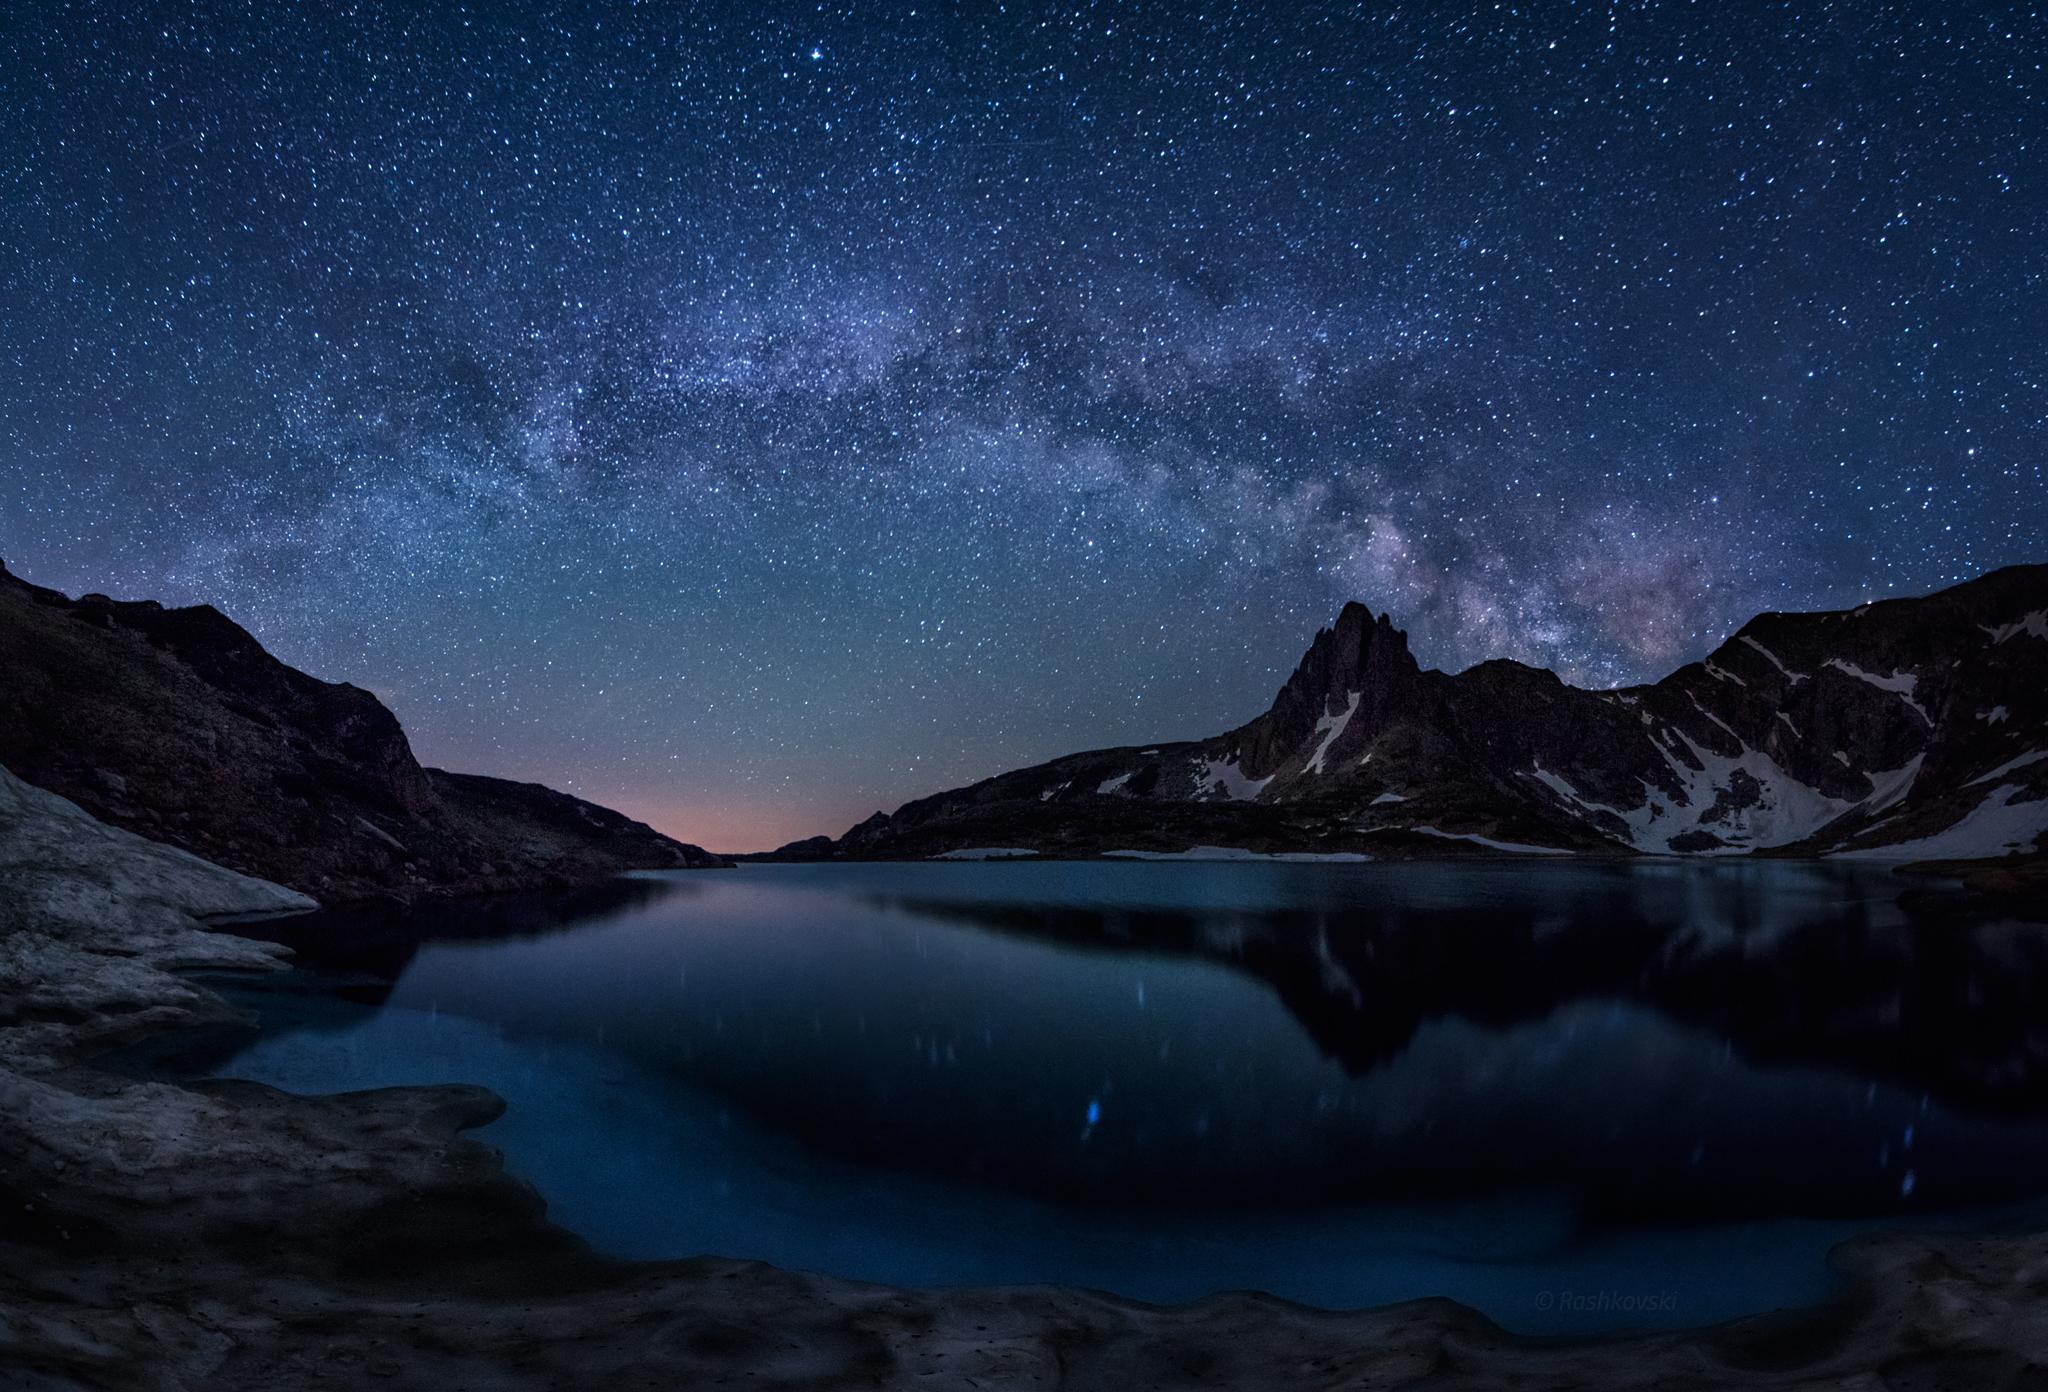 природа космос горы скалы небо звезды ночь  № 851868 бесплатно